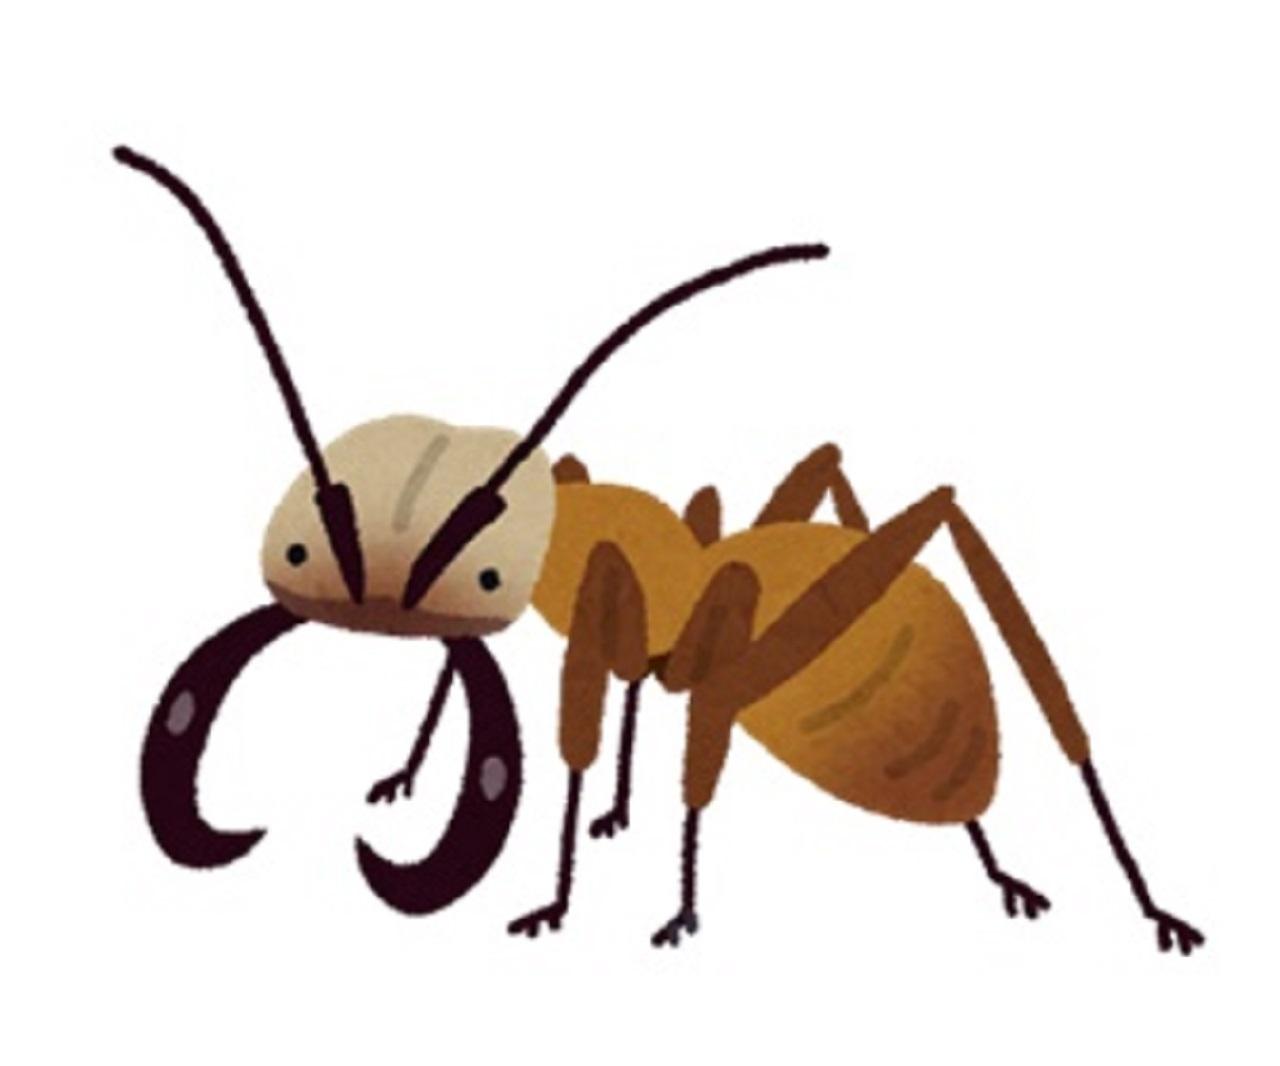 アリの侵入防止-01